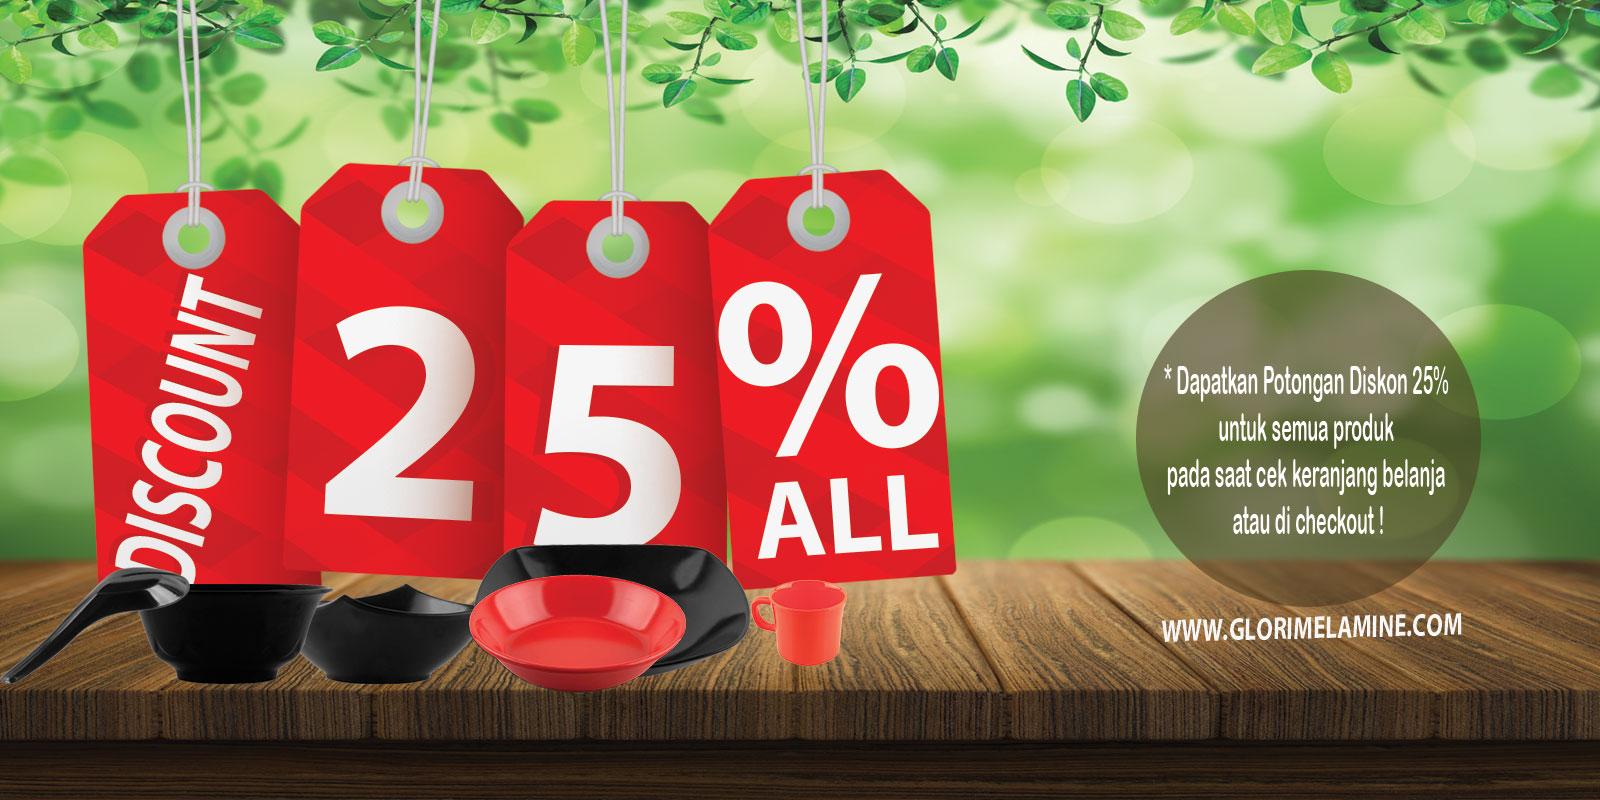 Promo di Bulan November 2016, All Product Diskon 25% Tanpa Syarat